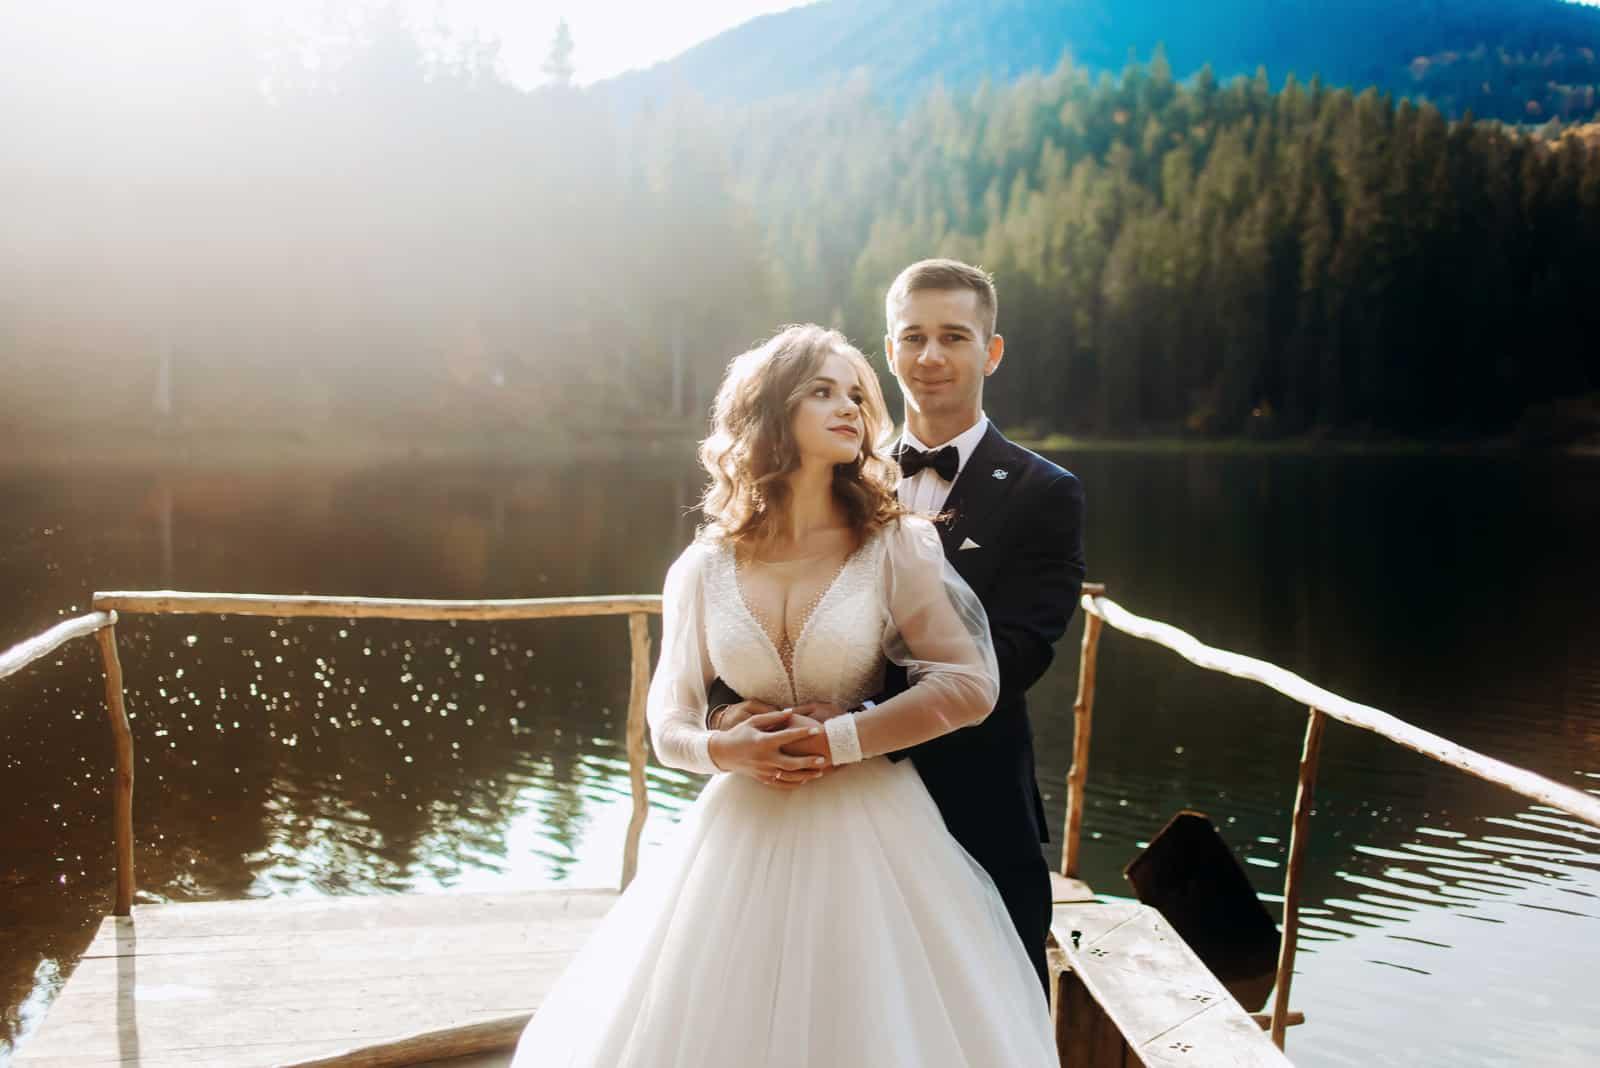 Das Brautpaar in der Nähe des Sees in den Bergen